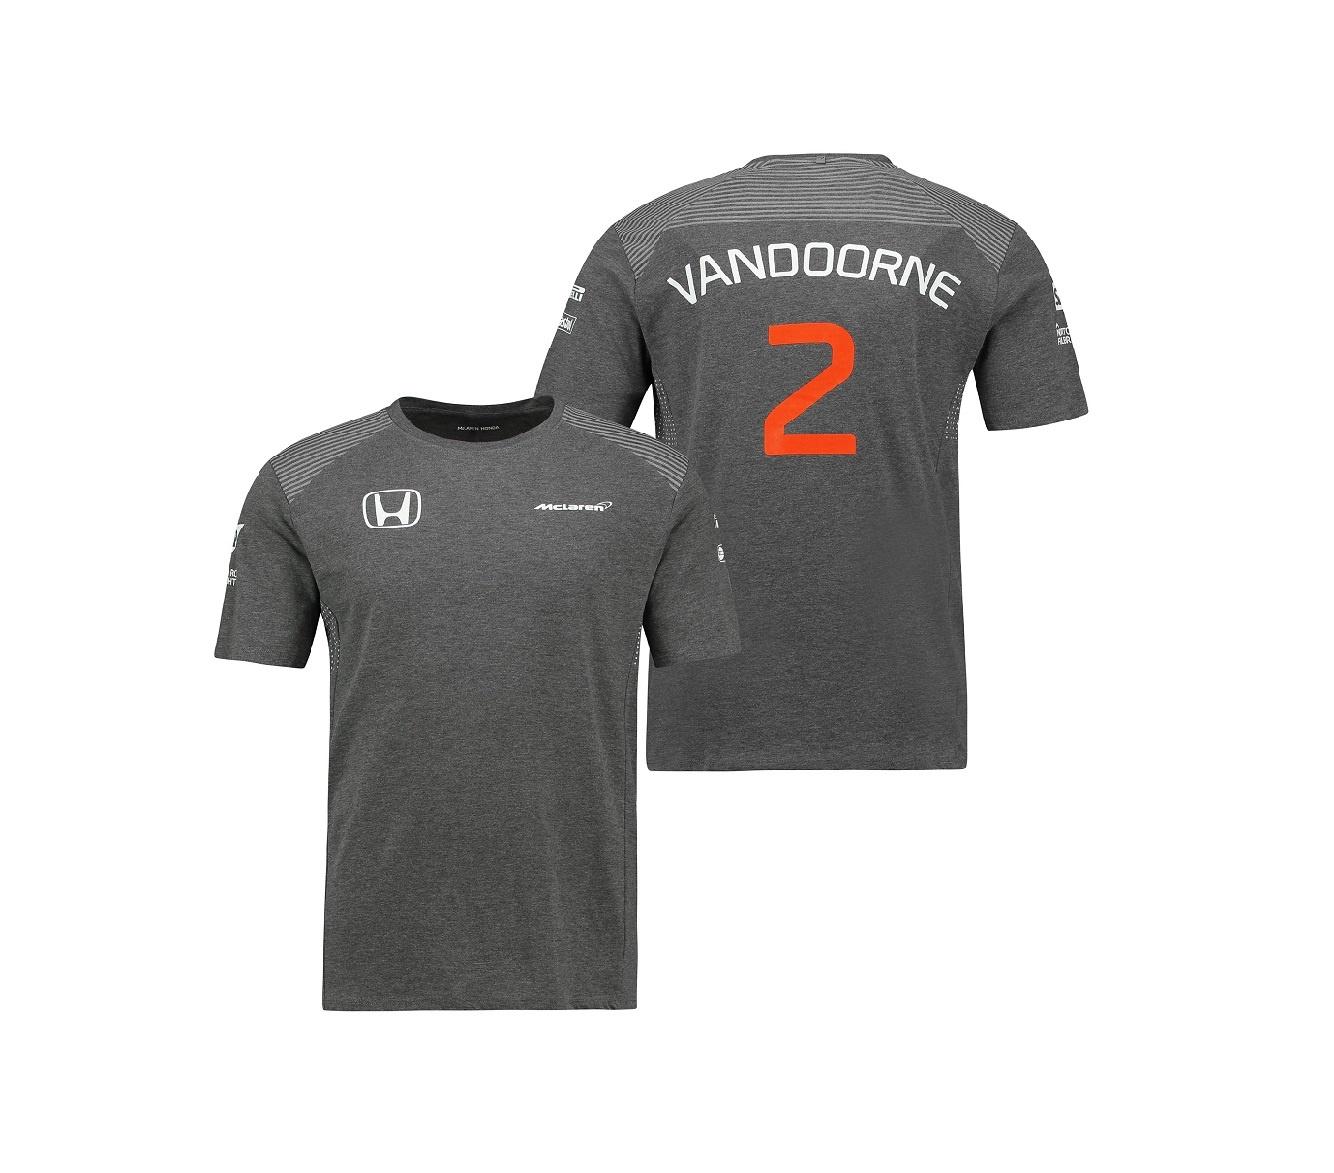 McLaren Man - Stoffel Vandoorne T-shirt 2017